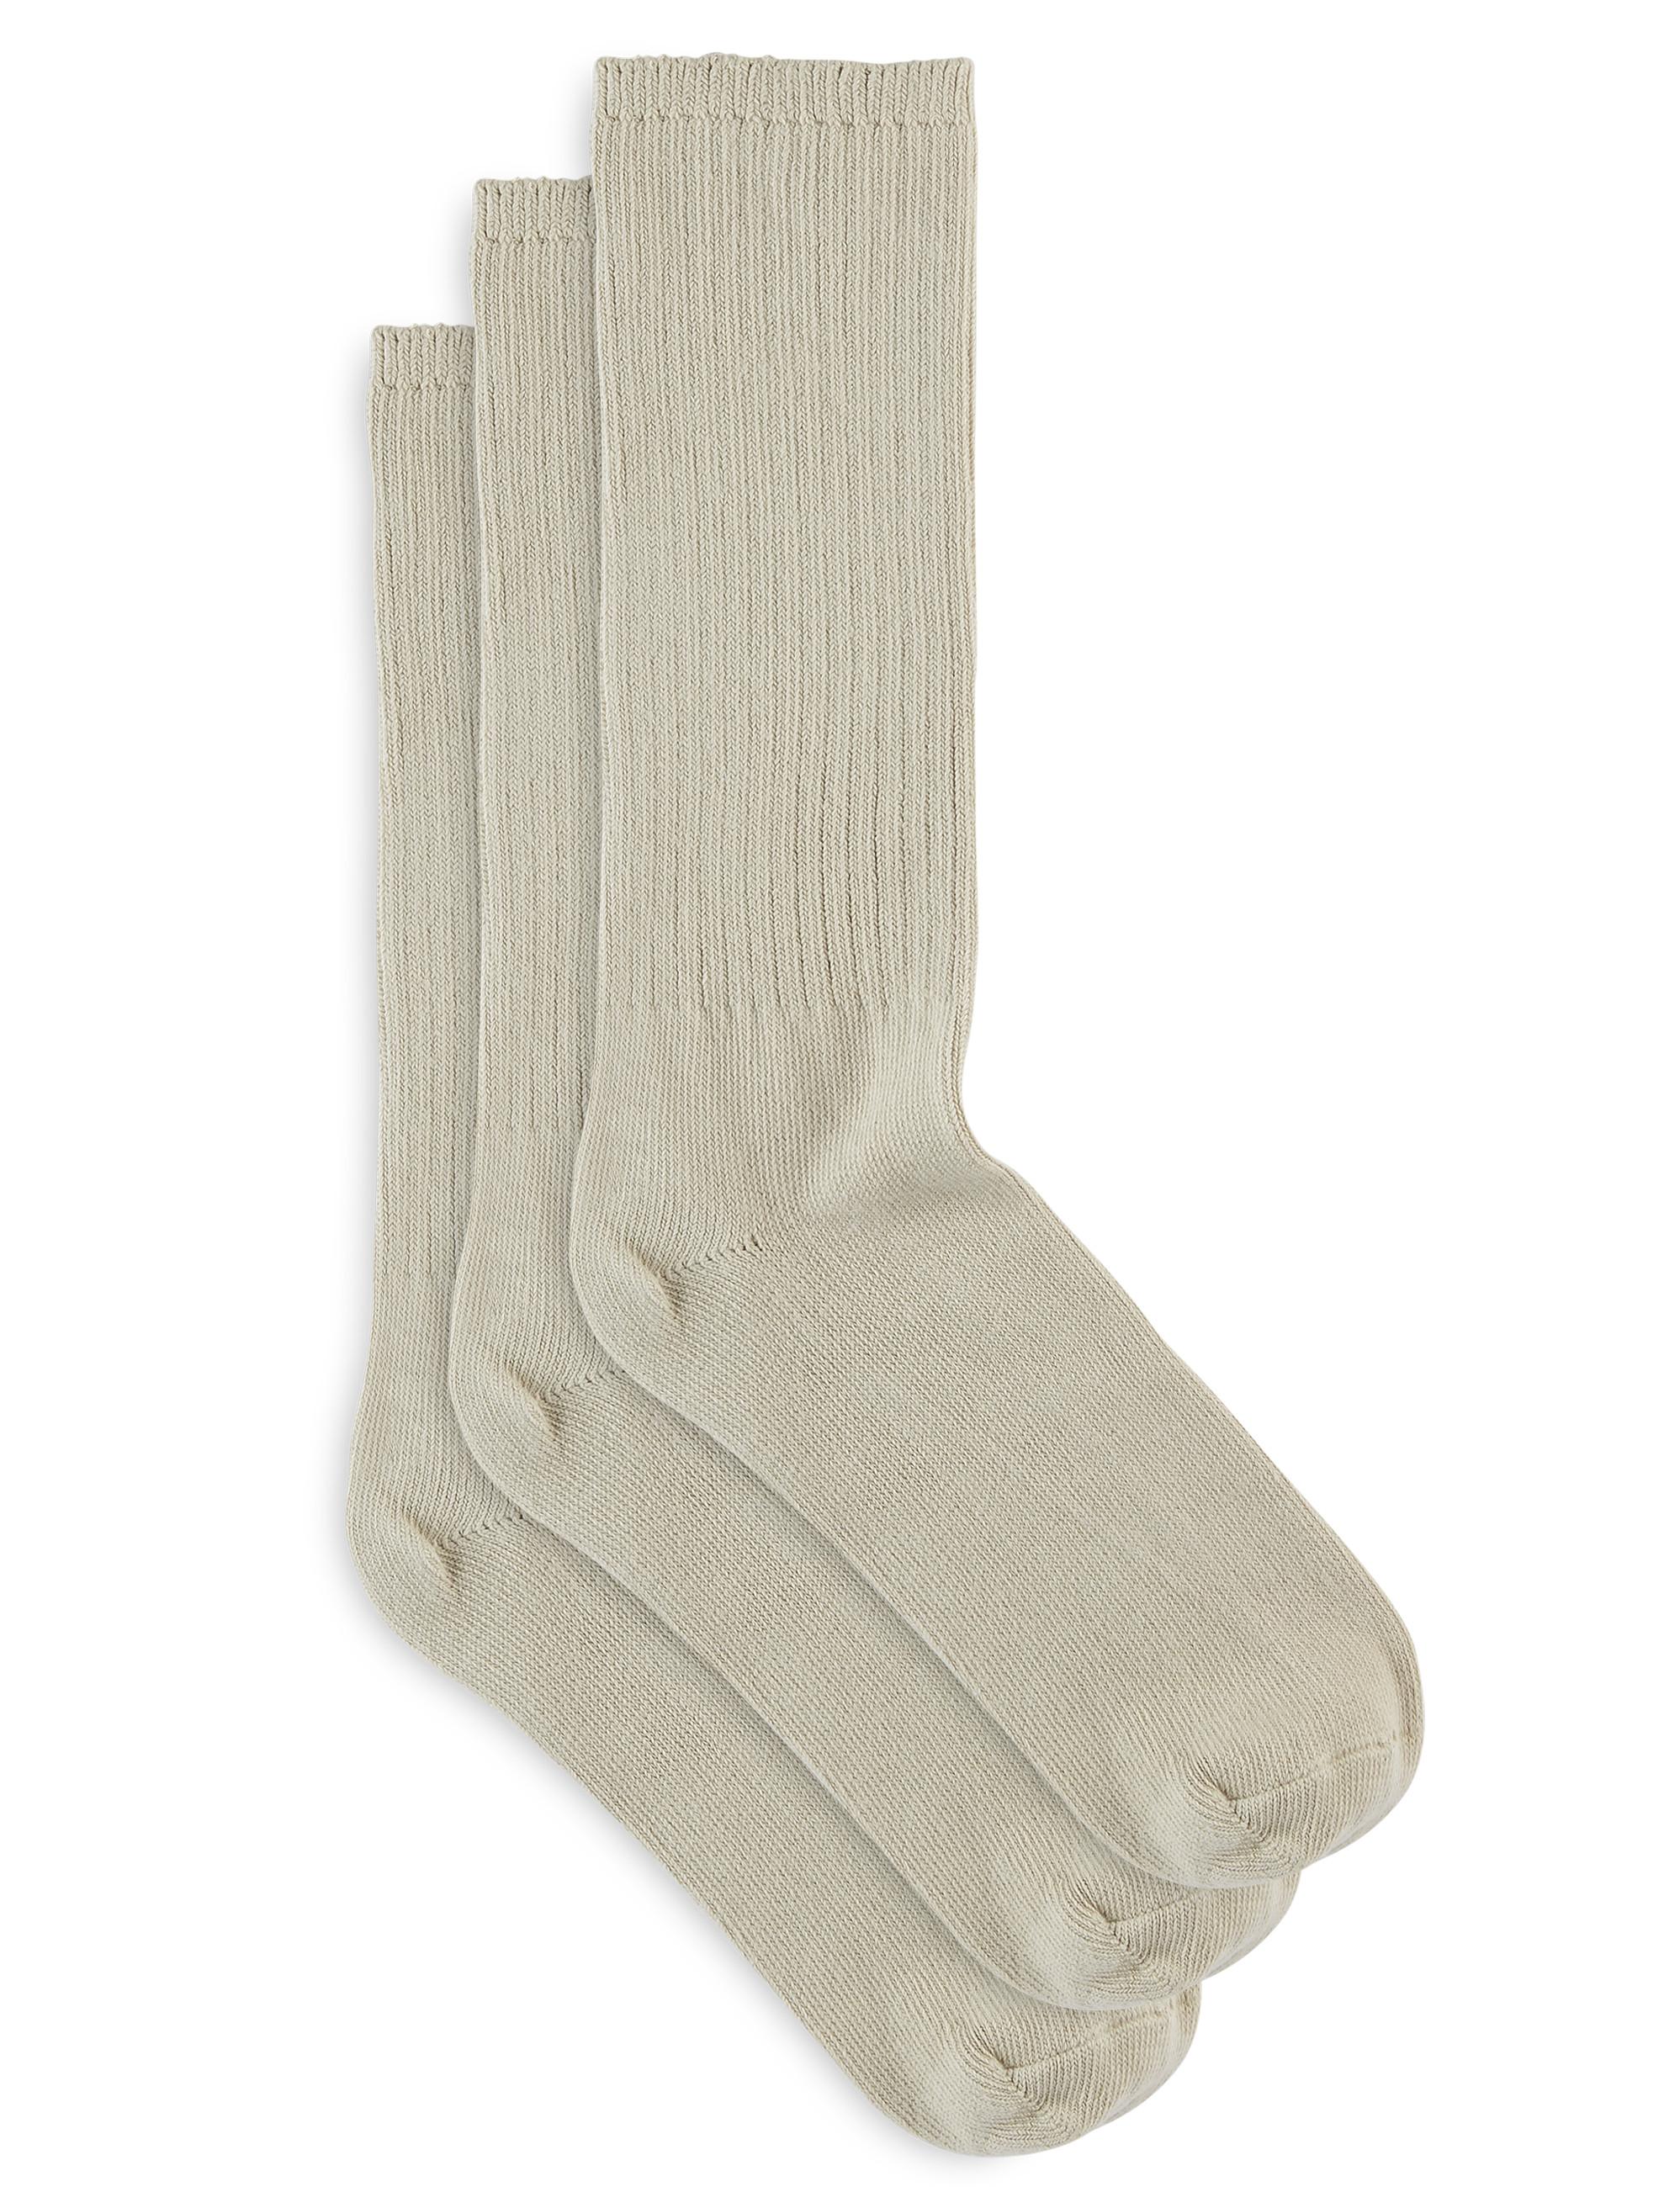 Long dress socks quarter